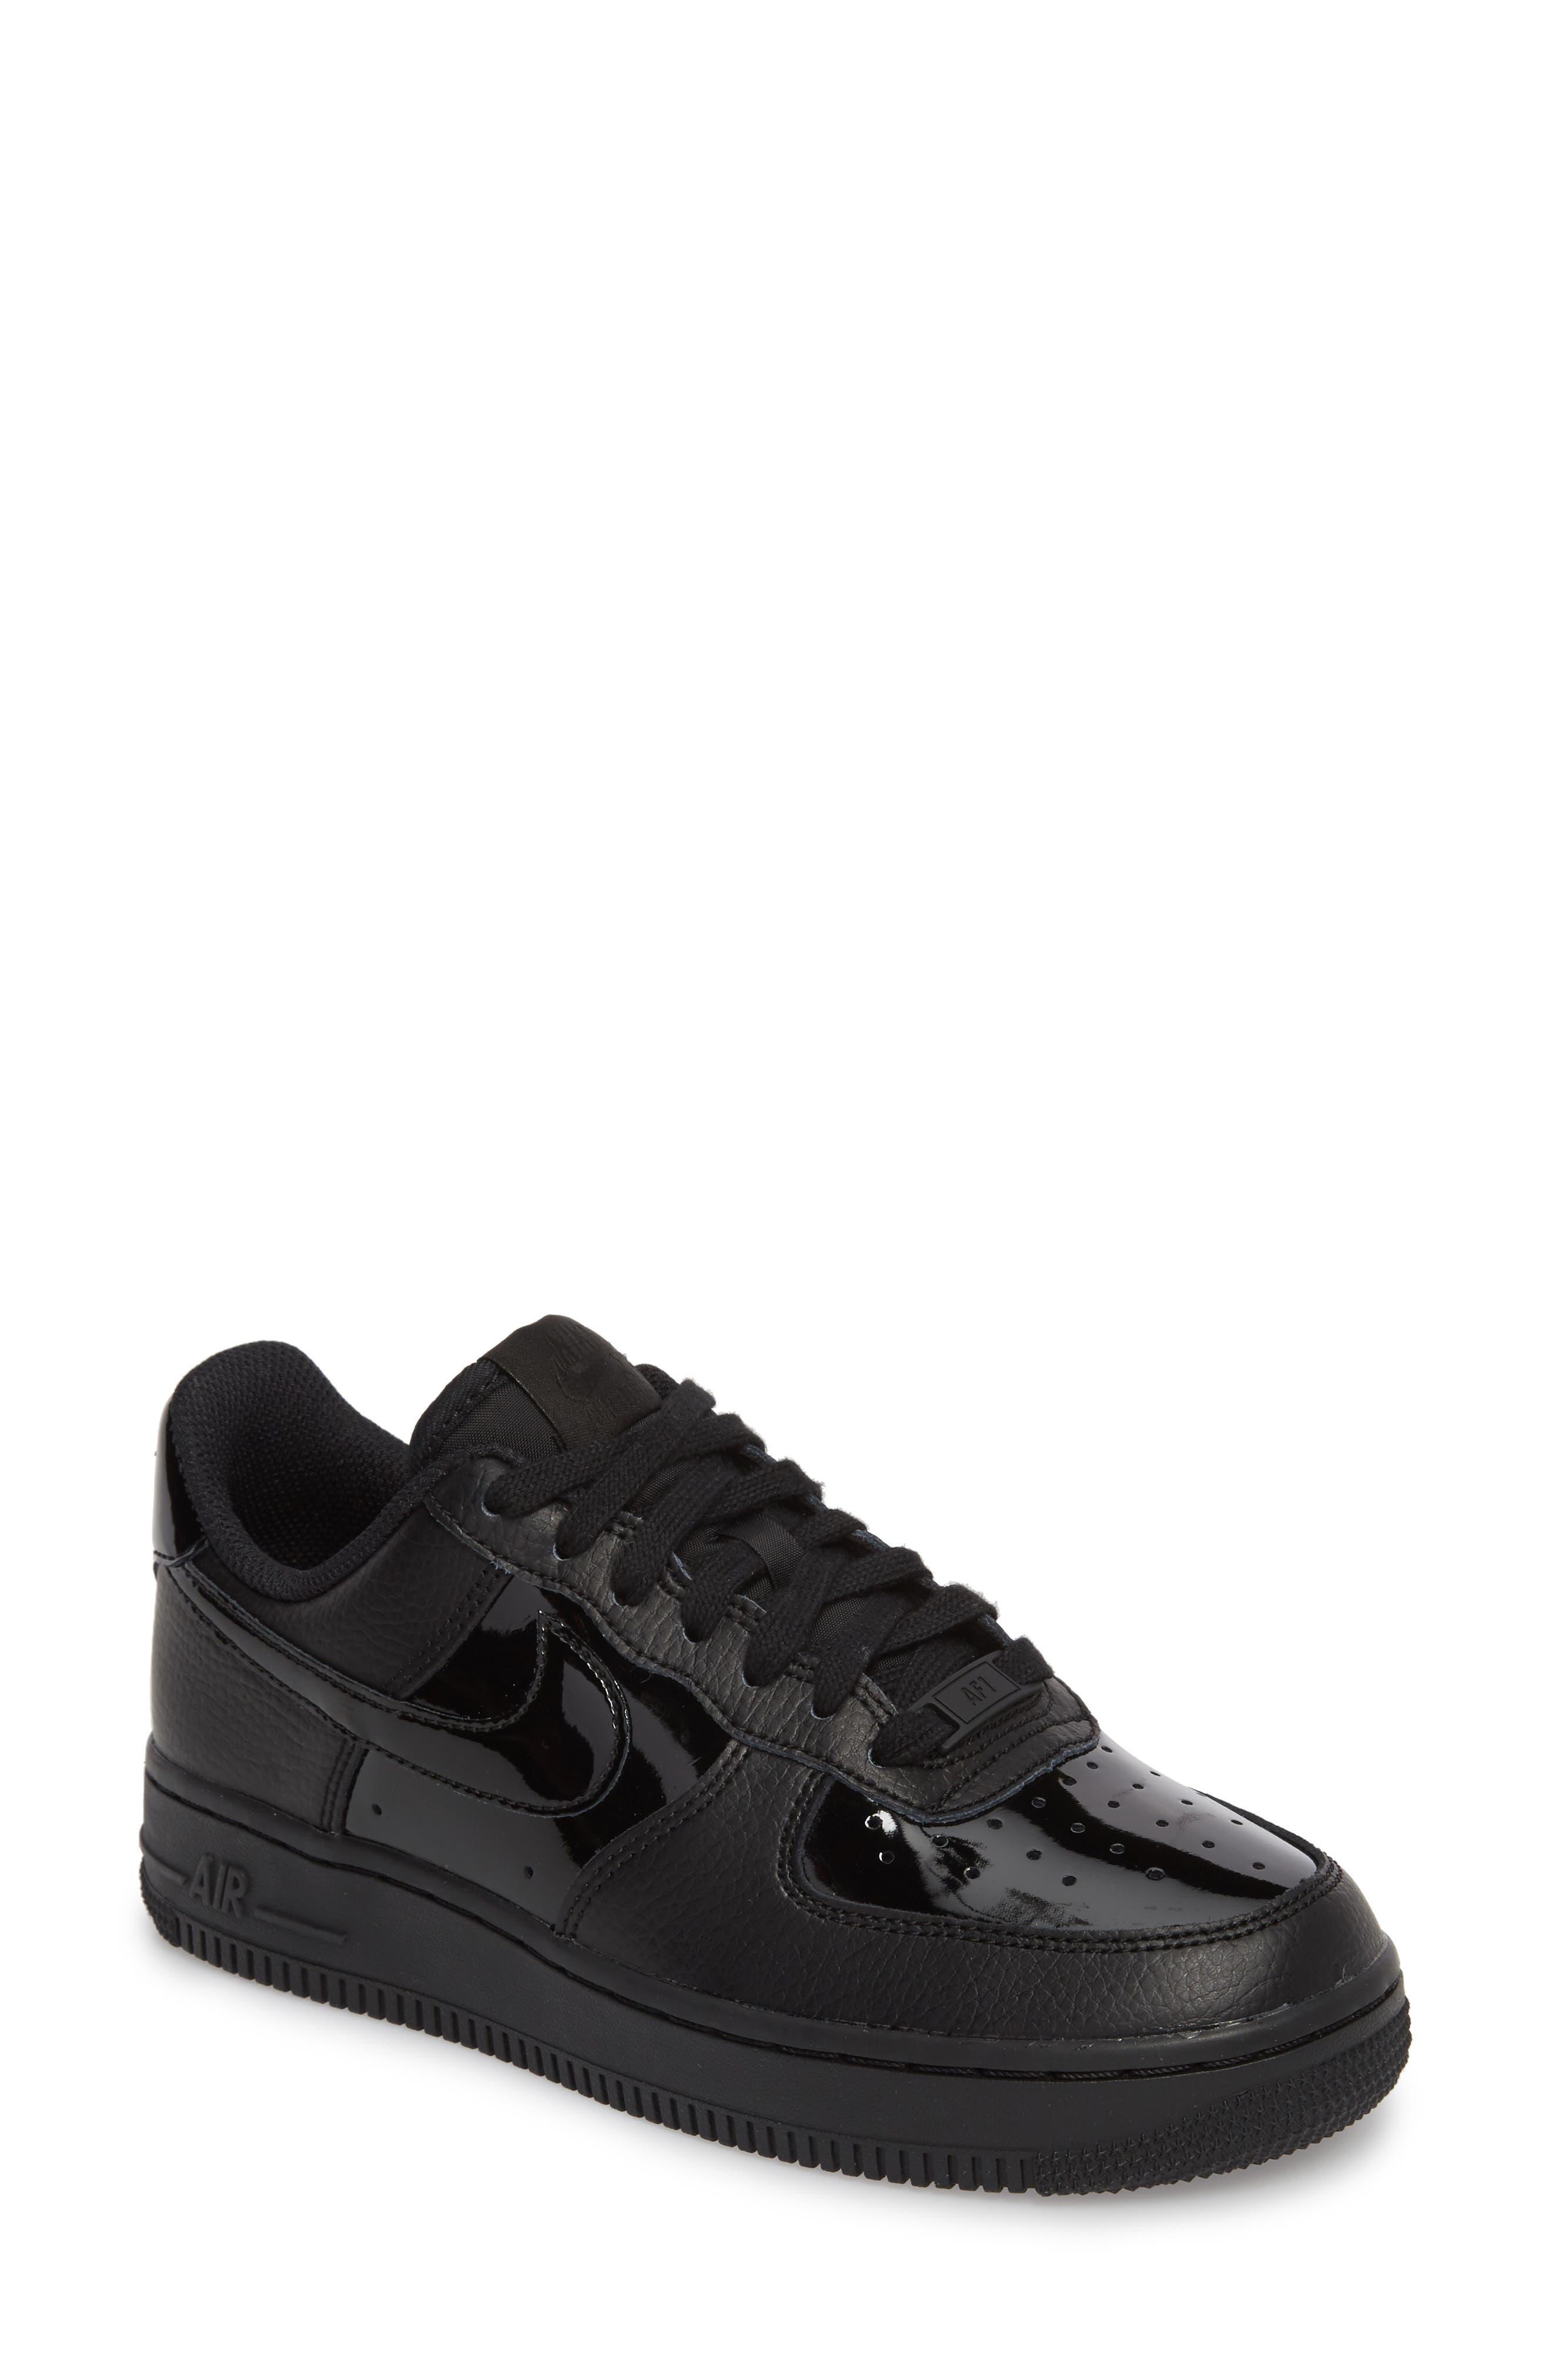 Alternate Image 1 Selected - Nike Air Force 1 '07 Patent Sneaker (Women)